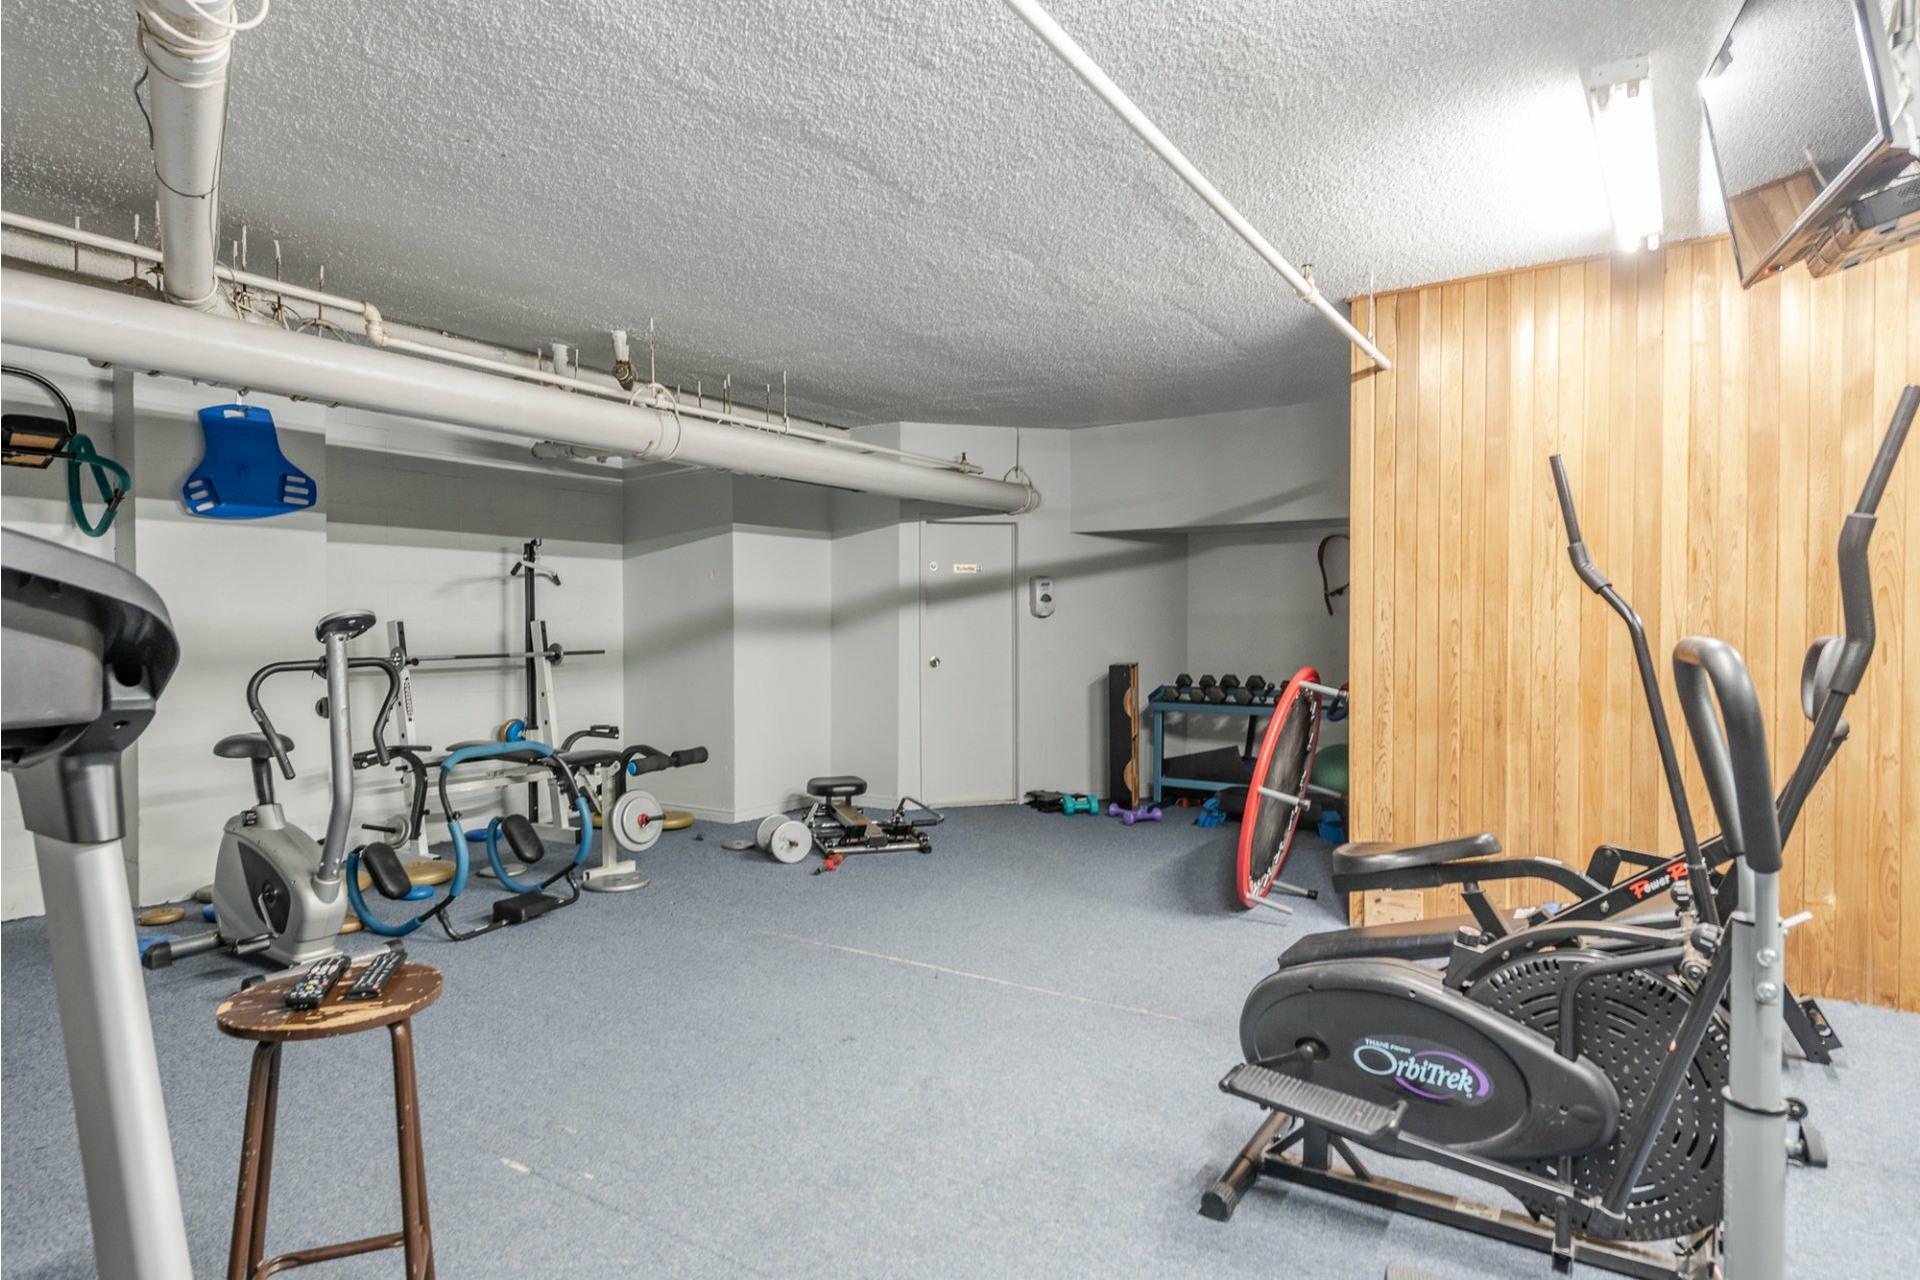 image 26 - Apartment For sale Montréal Saint-Laurent  - 5 rooms